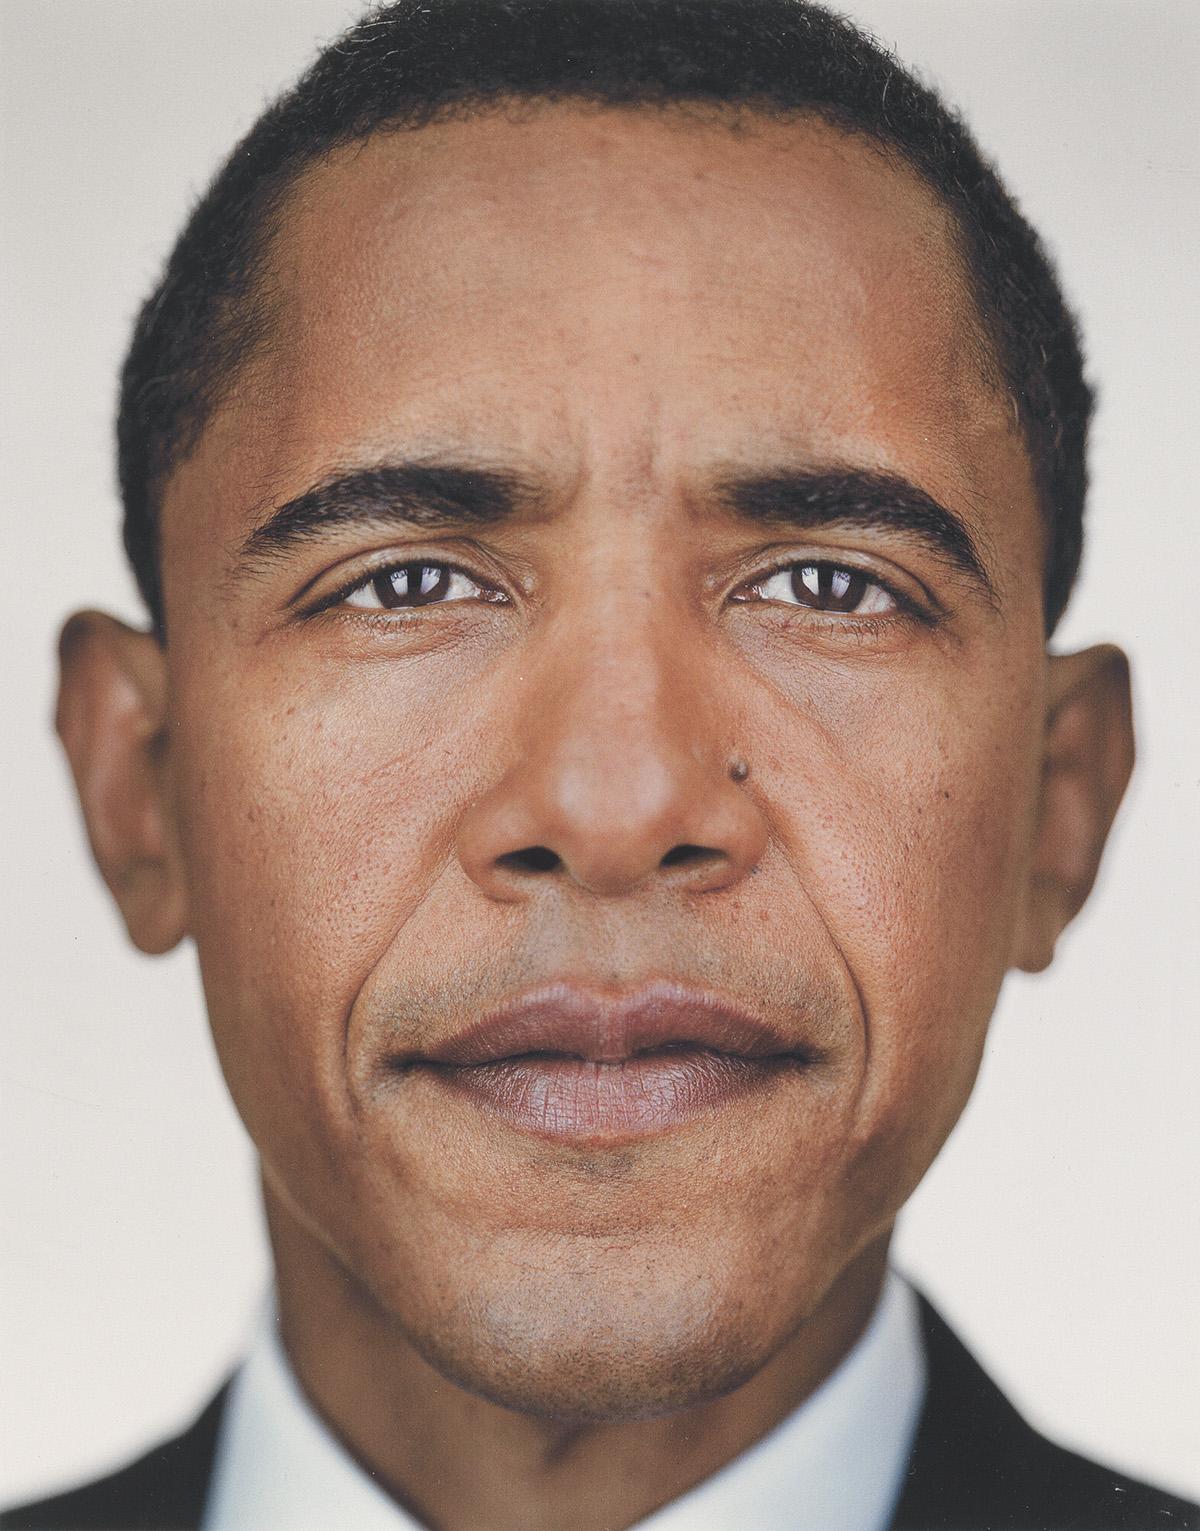 MARTIN-SCHOELLER-(1968--)-President-Barack-Obama